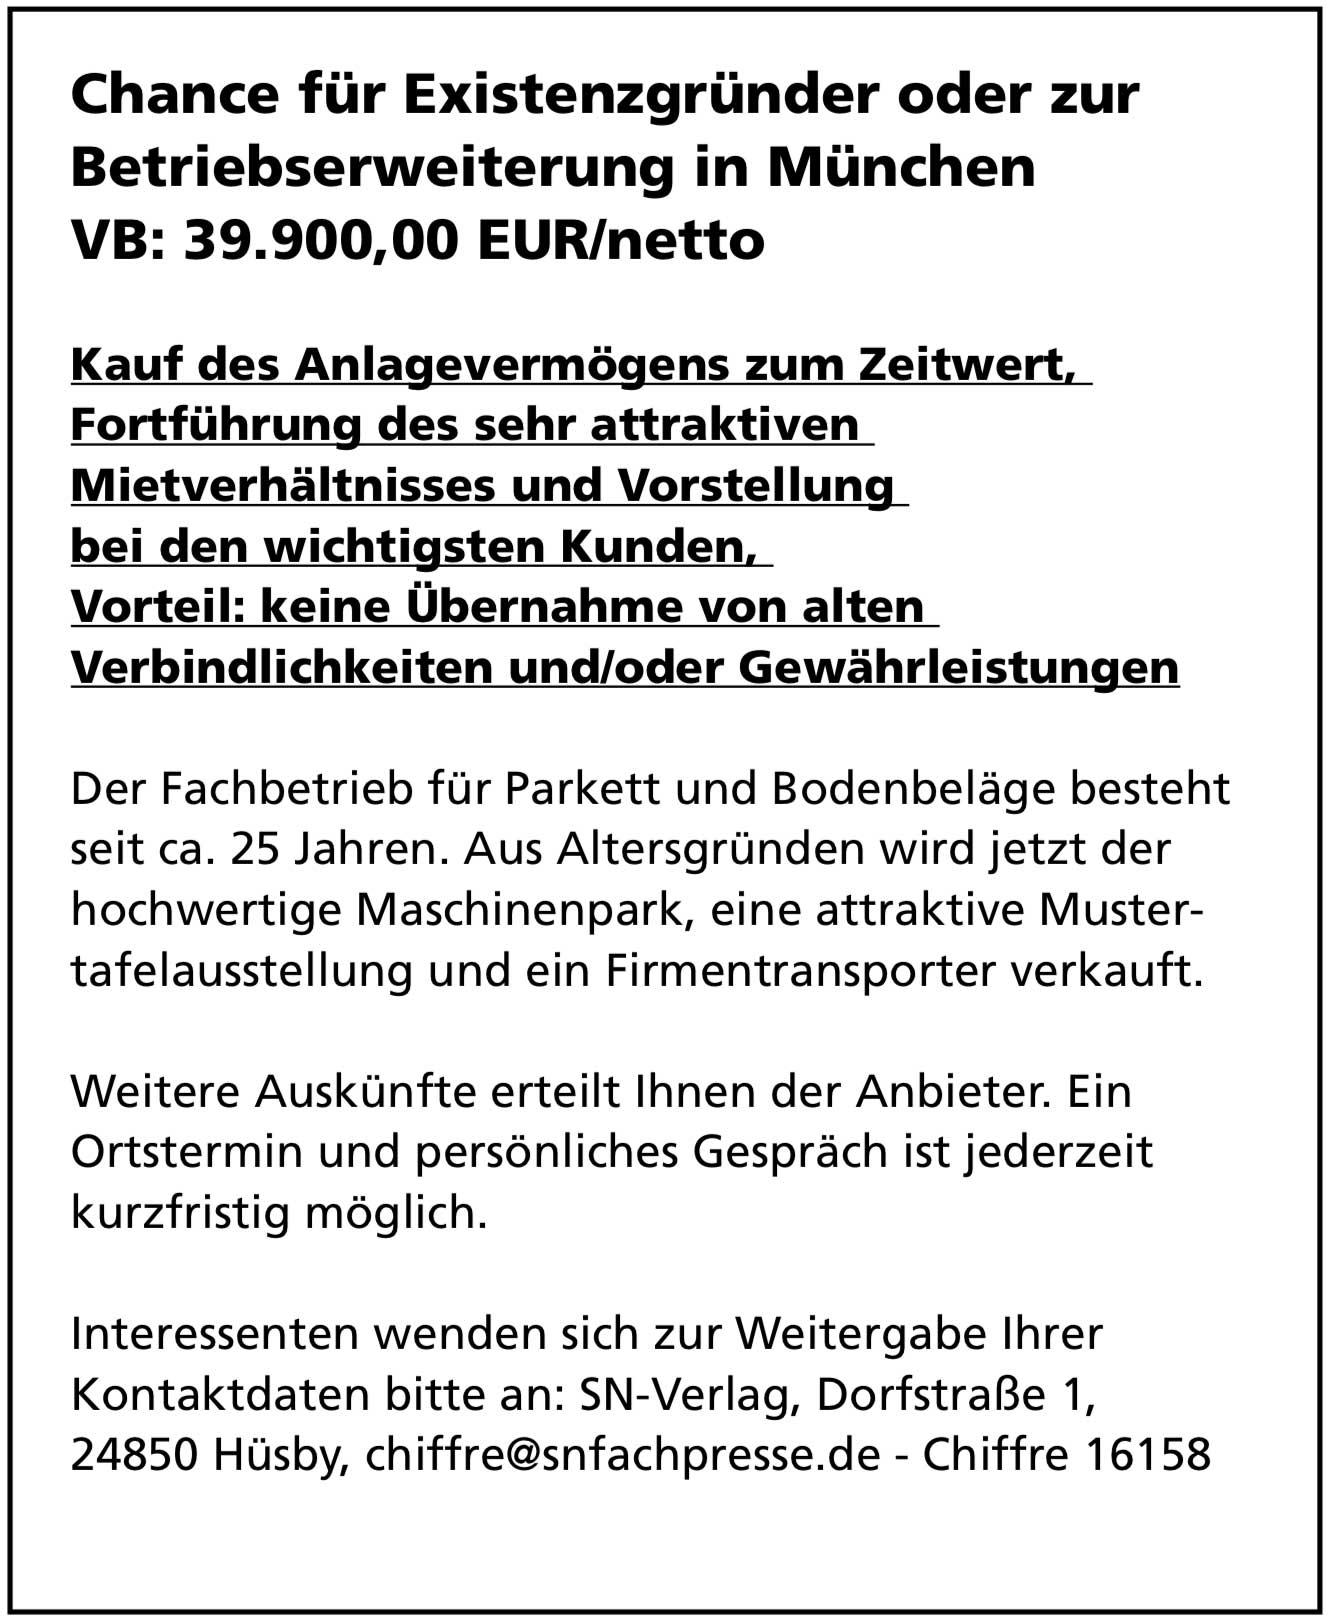 Fachbetrieb für Parkett- und Bodenbeläge in München